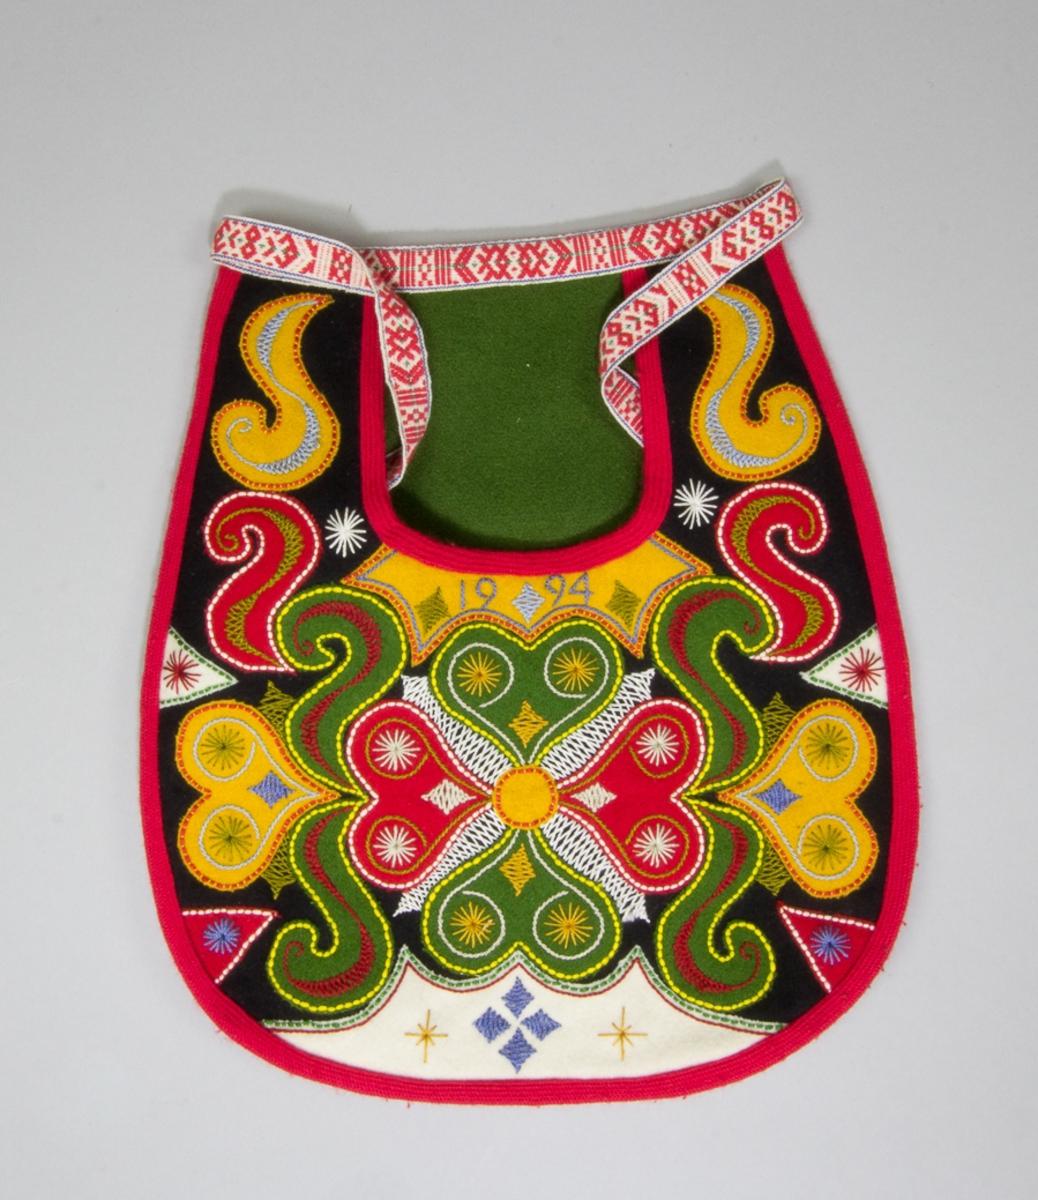 Kjolsäck till dräkt för kvinna från Leksands socken, Dalarna. Modell med u-formad öppning för handen. Tillverkad av svart ylletyg, kläde, med applikationer av kläde i rött, grönt, gult och vitt, hjärtformat motiv i mitten och s-formade figurer runtom. Broderier i flera färger både på och mellan applikationerna, ullgarn och bomullsgarn, läggsöm för att fästa ner applikationerna och dessutom flätsöm, stjälksöm och sticksöm. Under öppningen årtalet 1994 broderat med stjälksöm. Kantad med rött diagonalvävt band av ull. Foder av vitt bomullstyg, tuskaftsvävt. I öppningen fäst en spegel av en bit grönt kläde. Baksida av svart kläde. Midjeband av fabriksvävt band av bomull med mönster i rött på vit botten, knäppt med modern hake och trådtränsar.